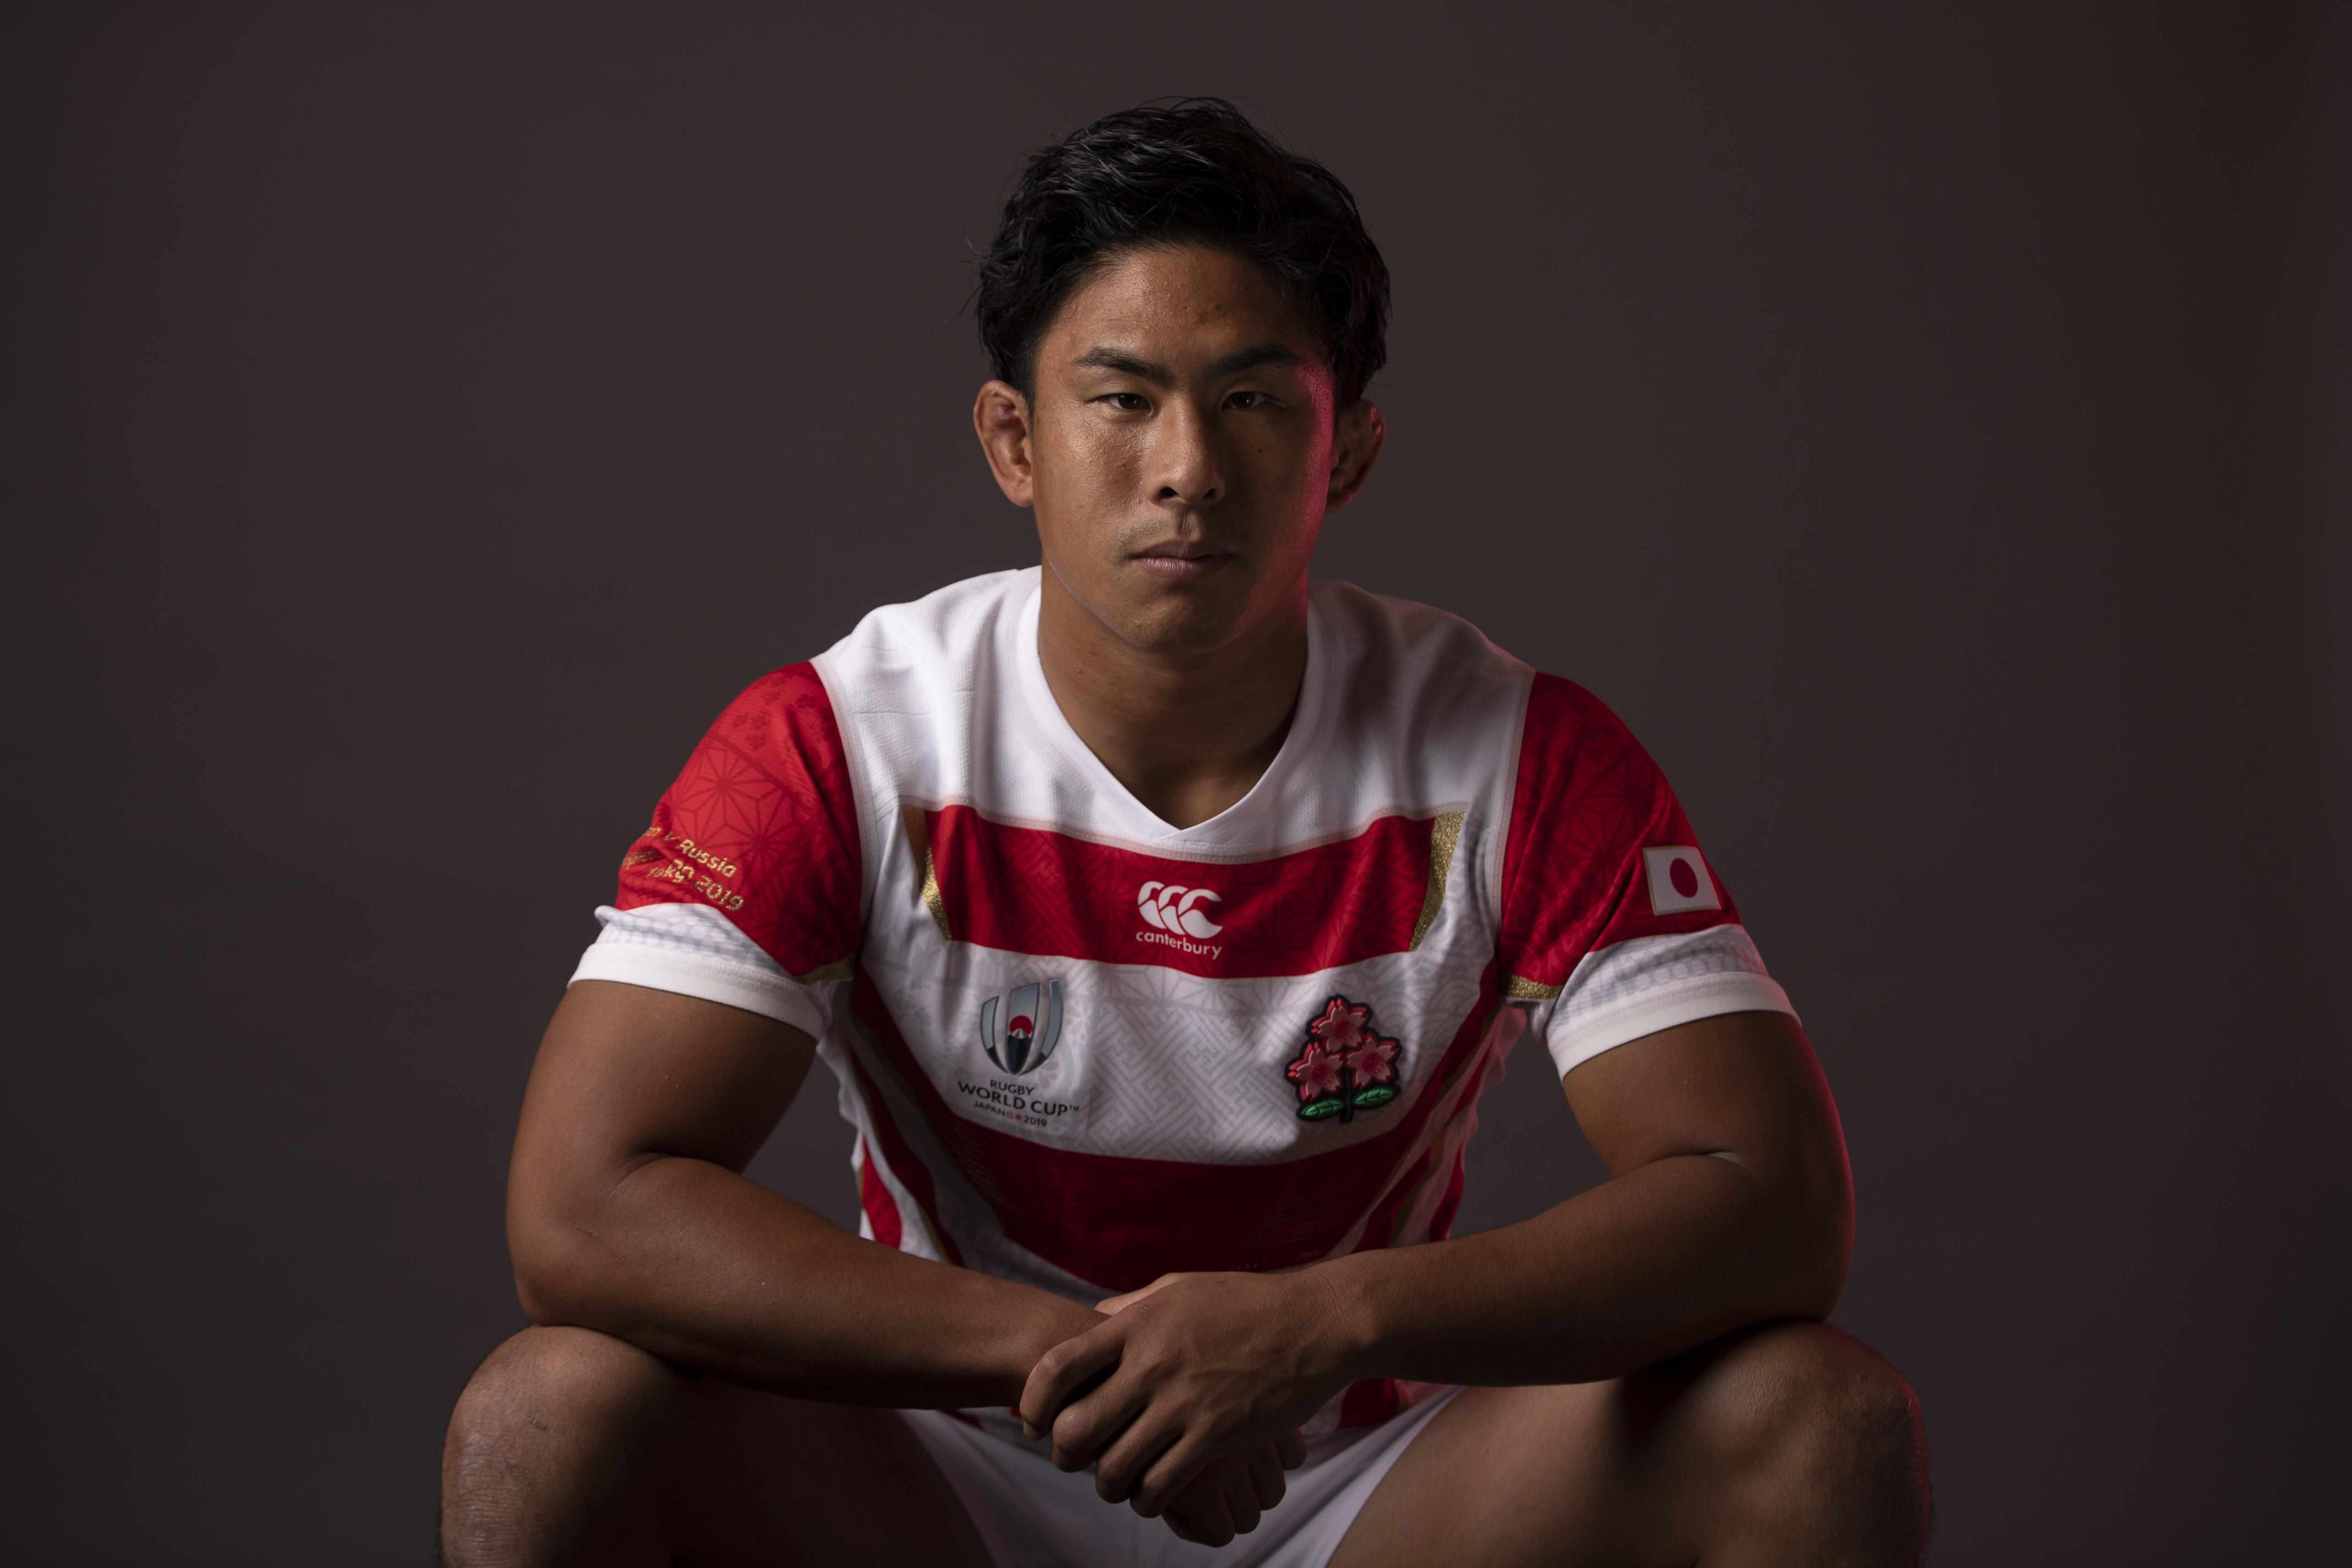 徳永祥尭も「日本代表ロス」 出場機会なしもチームに欠かせない役割を担う 画像